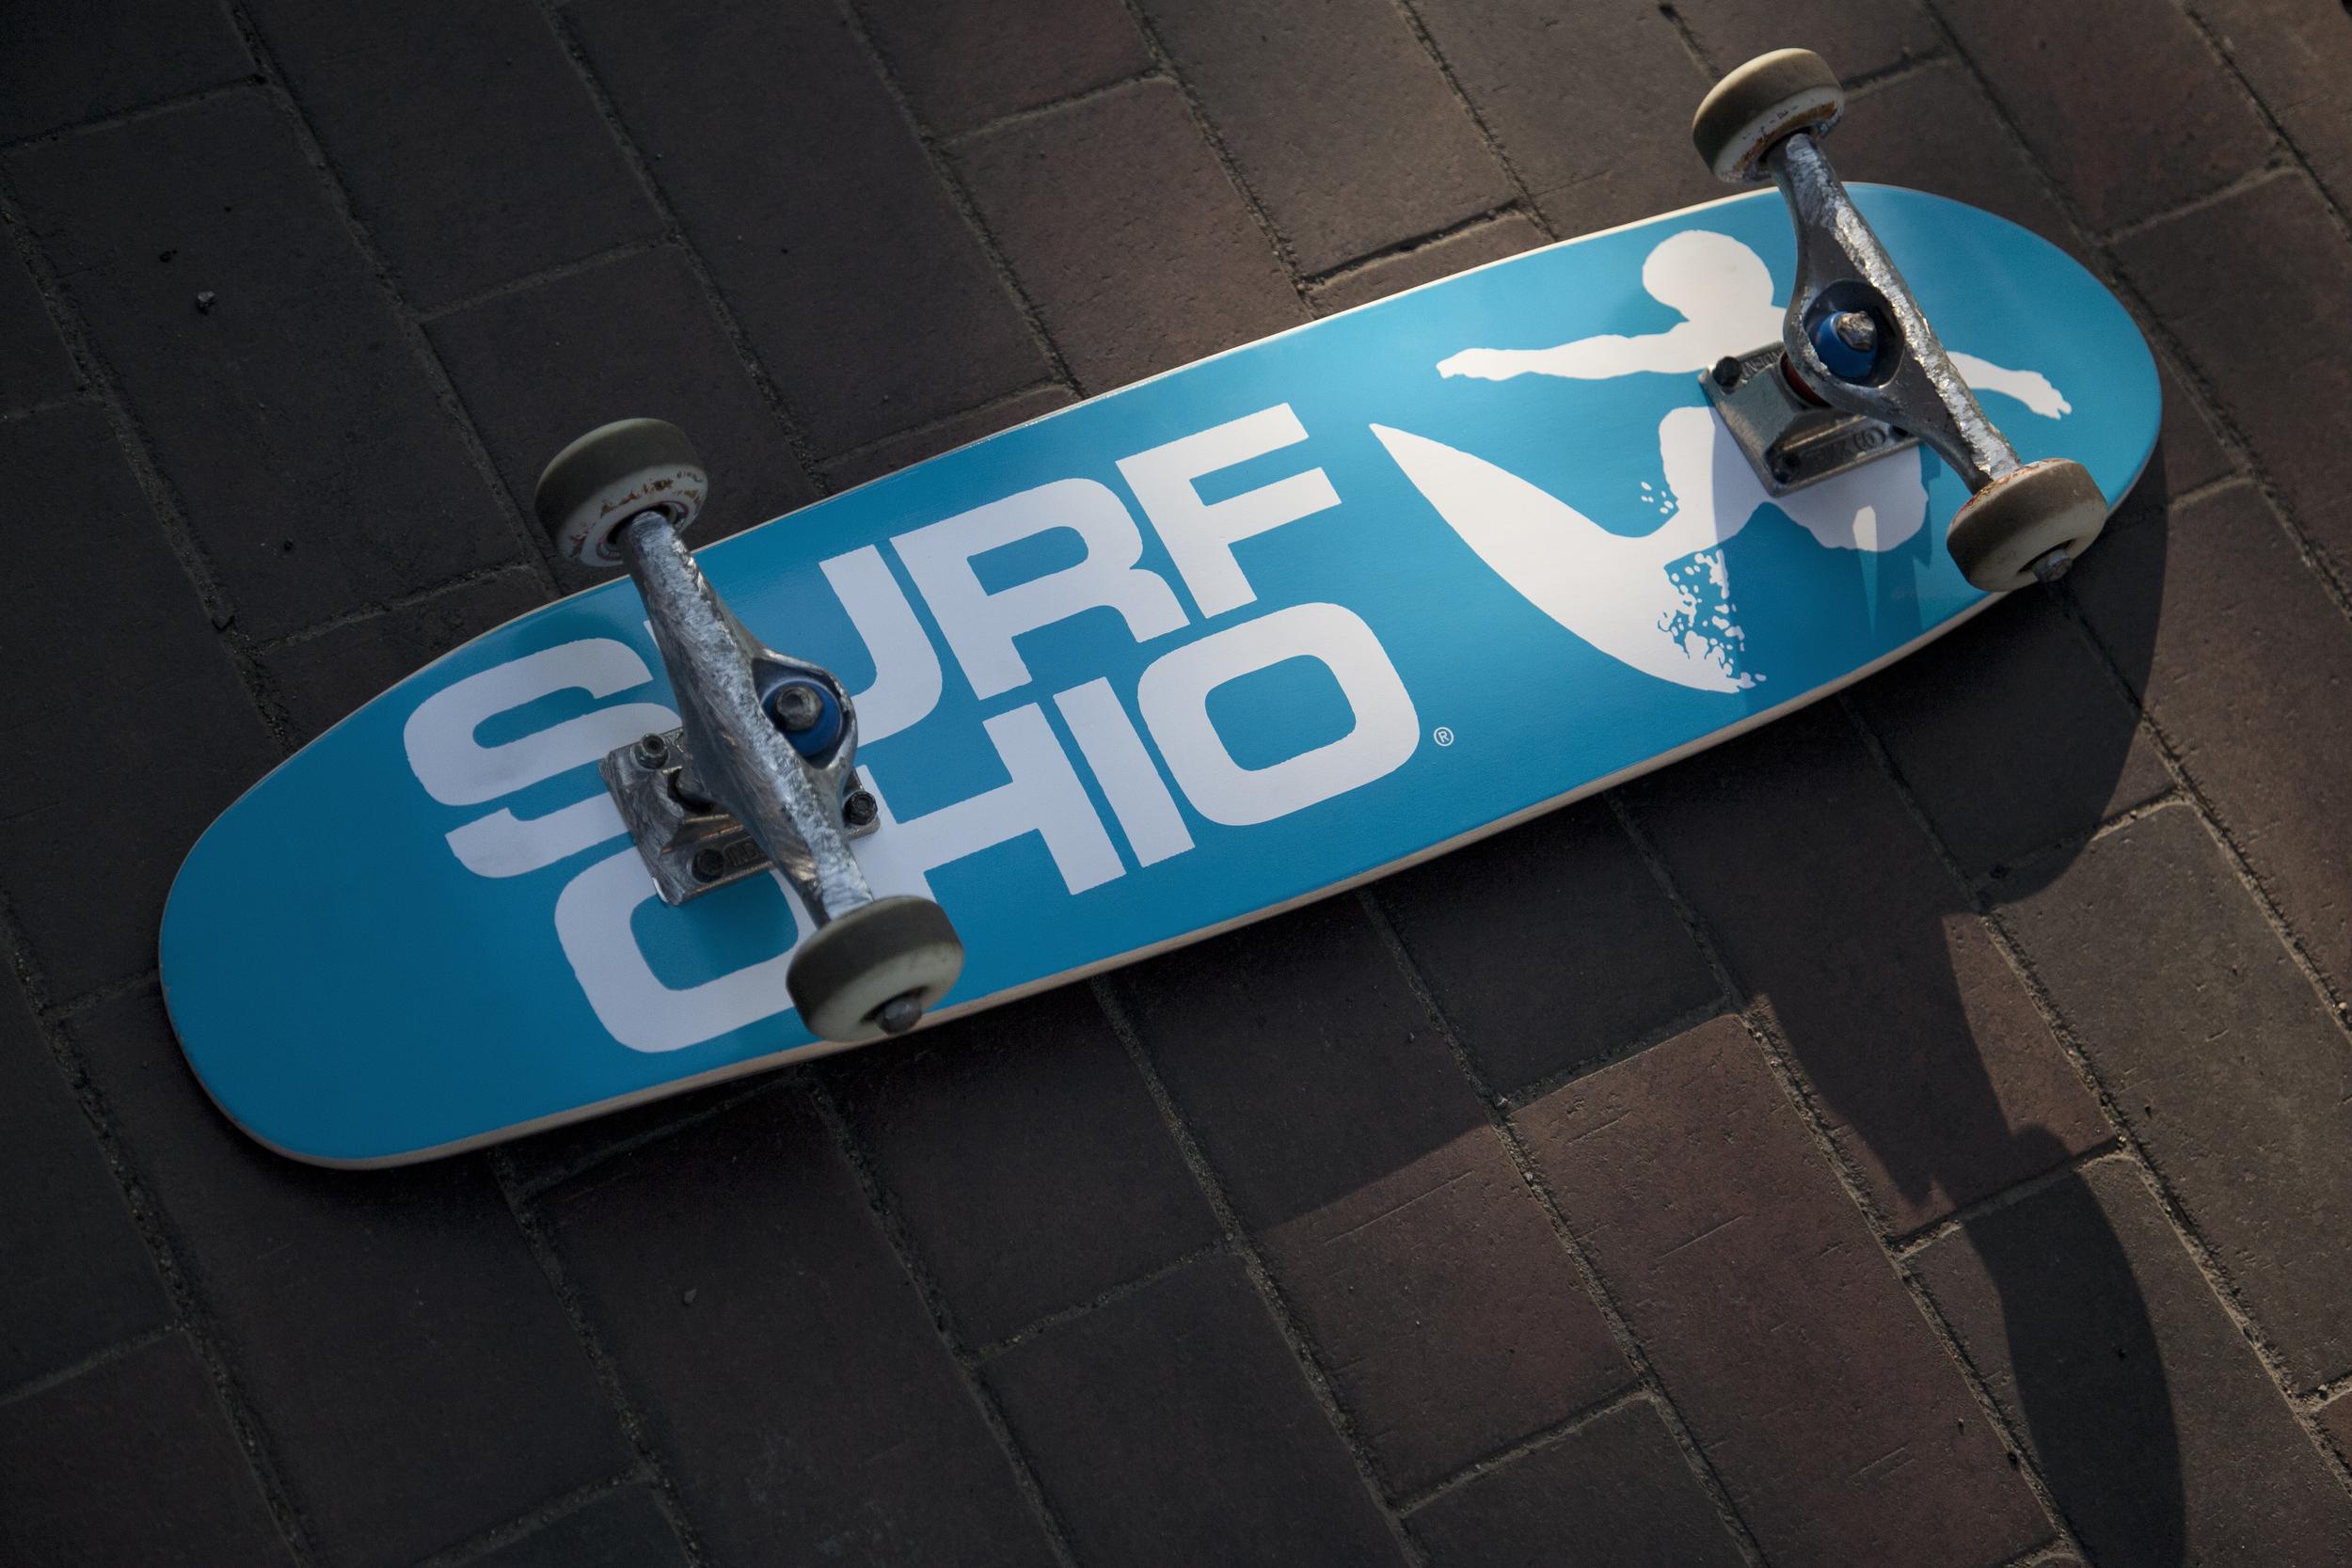 Sidewalk Surfer